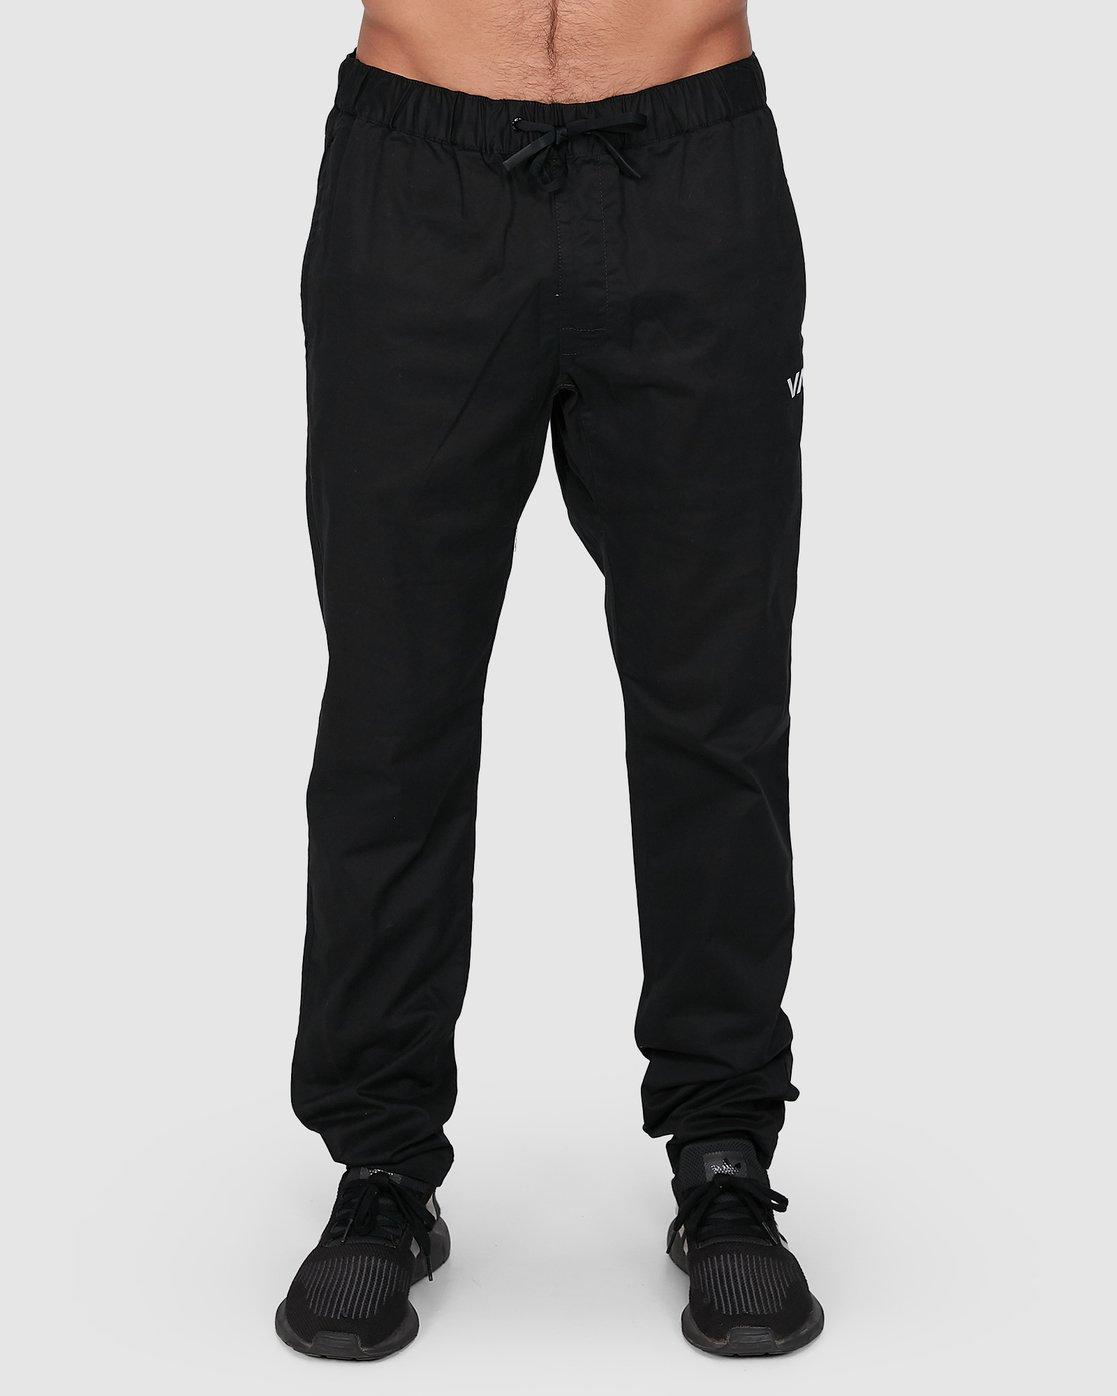 1 Spectrum Iil Pants Black R391274 RVCA